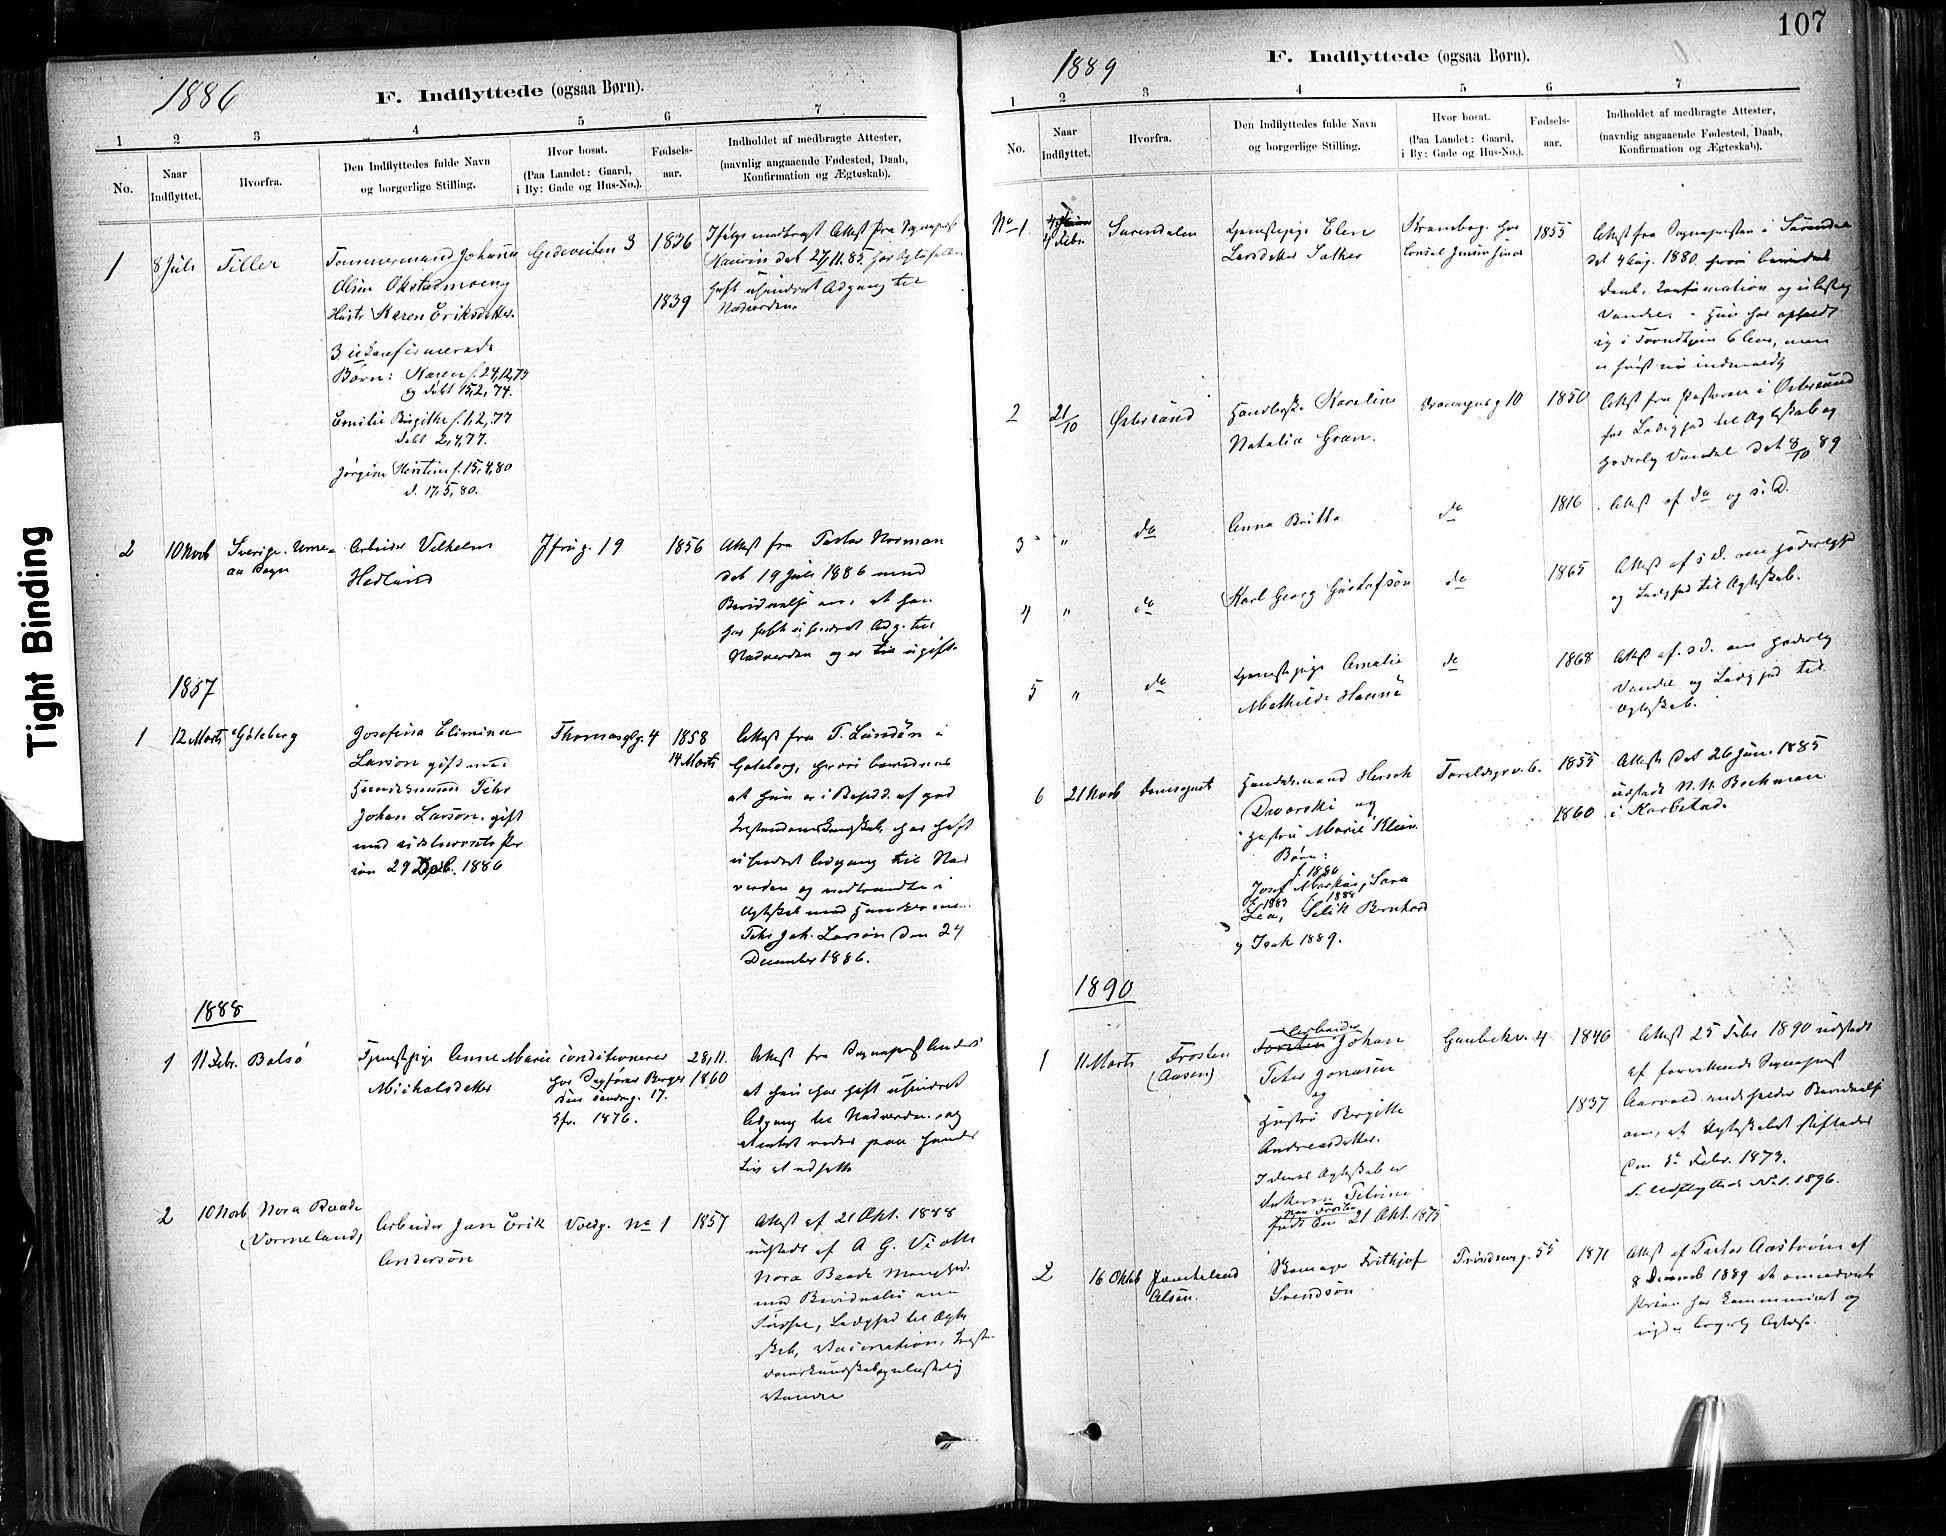 SAT, Ministerialprotokoller, klokkerbøker og fødselsregistre - Sør-Trøndelag, 602/L0120: Ministerialbok nr. 602A18, 1880-1913, s. 107